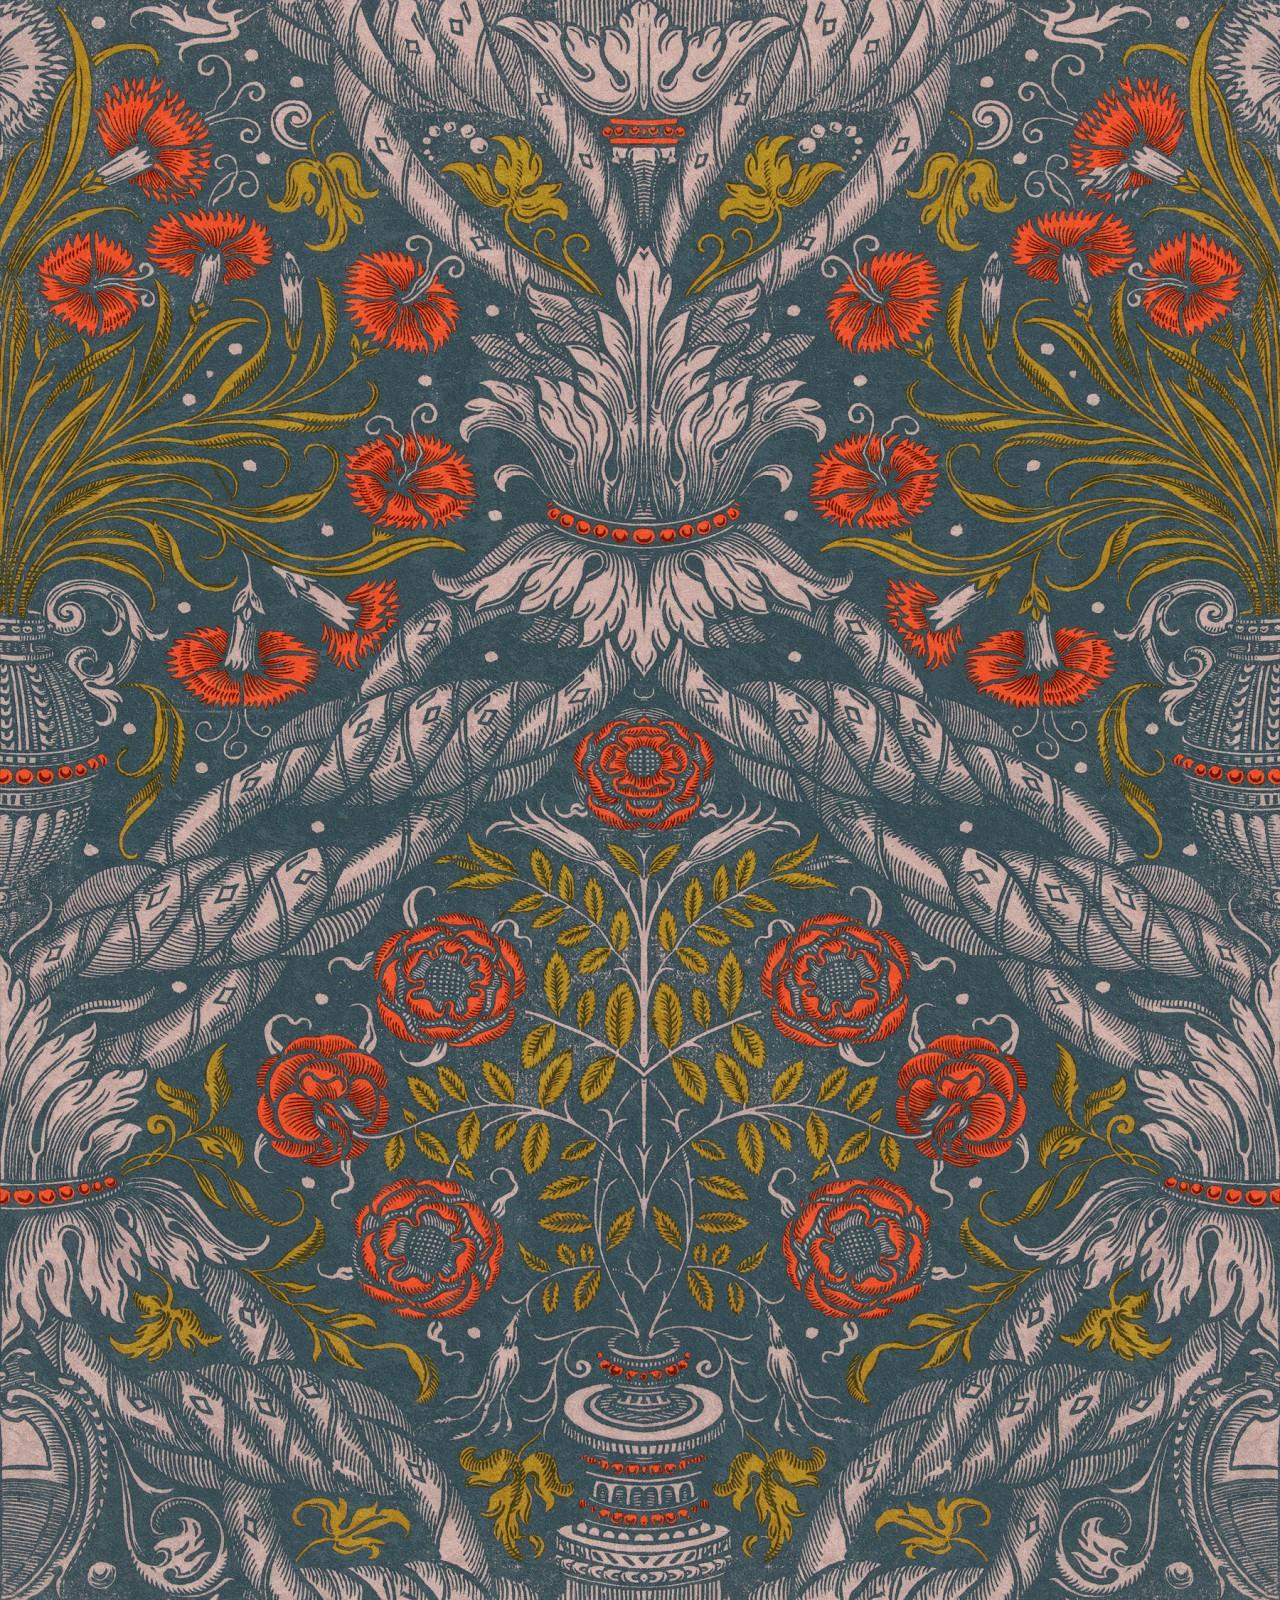 FLORAL ORNAMENT Scarlet Wallpaper